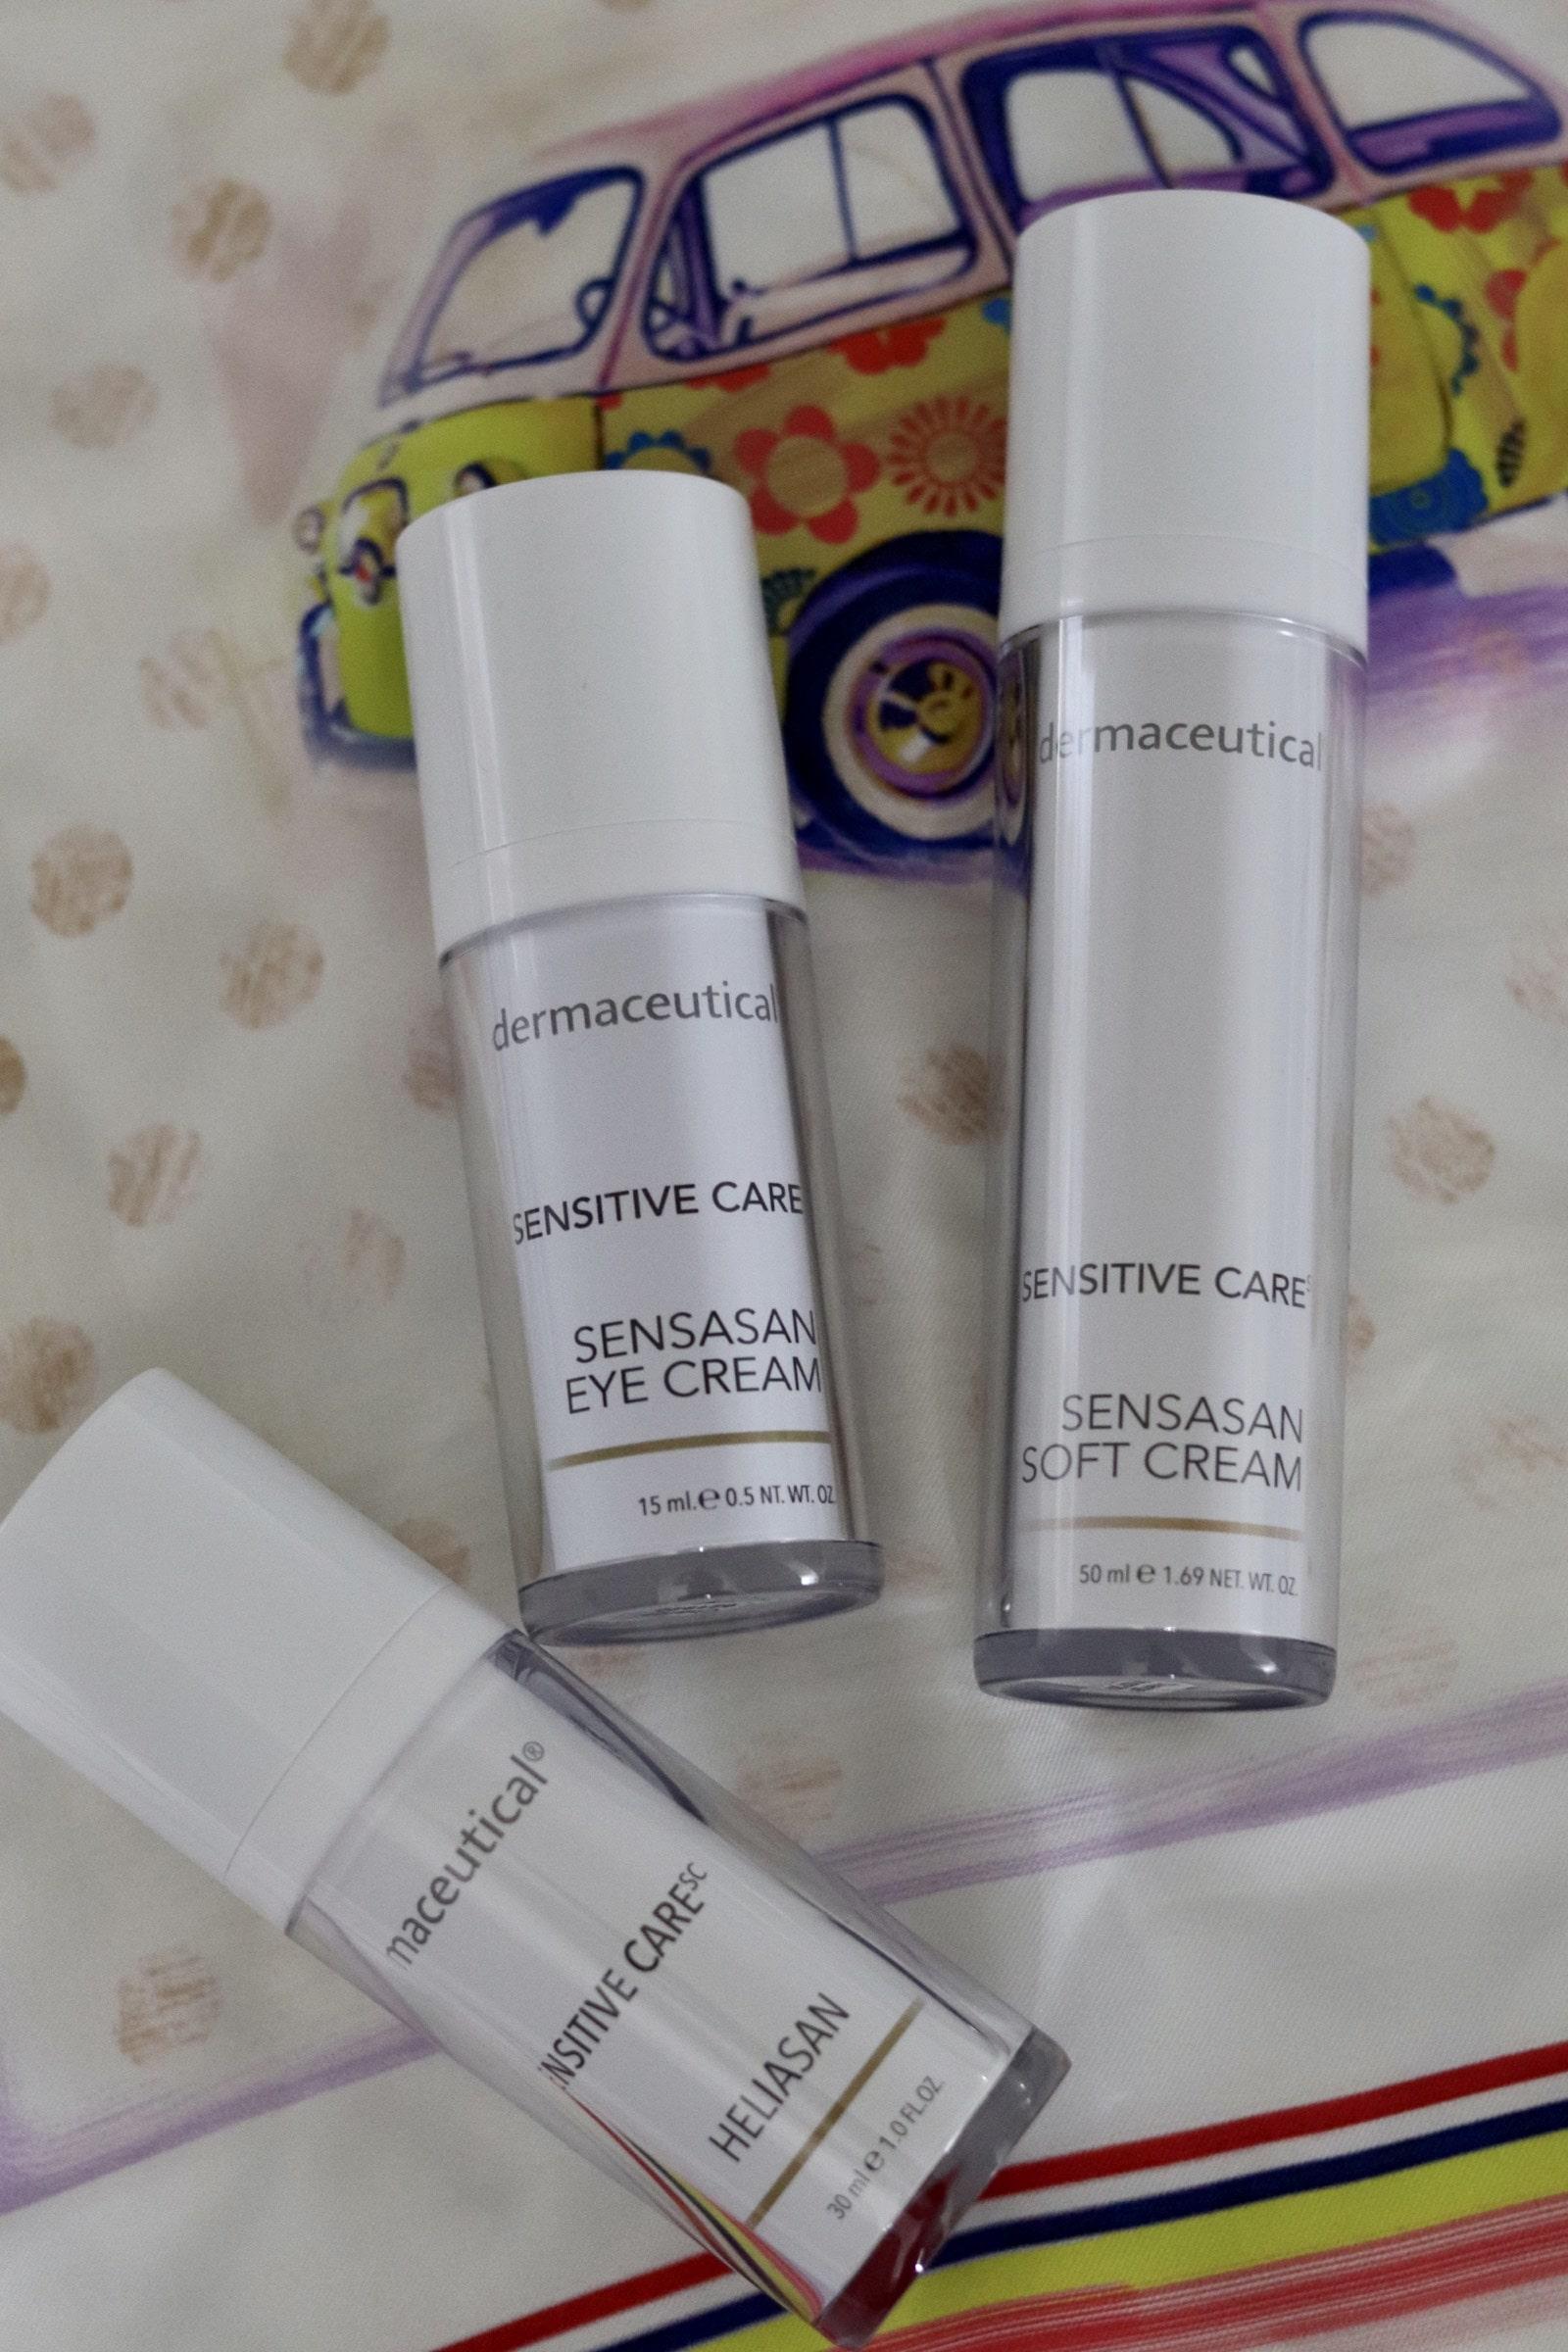 Pflegeprodukte für sensible Haut von dermaceutical